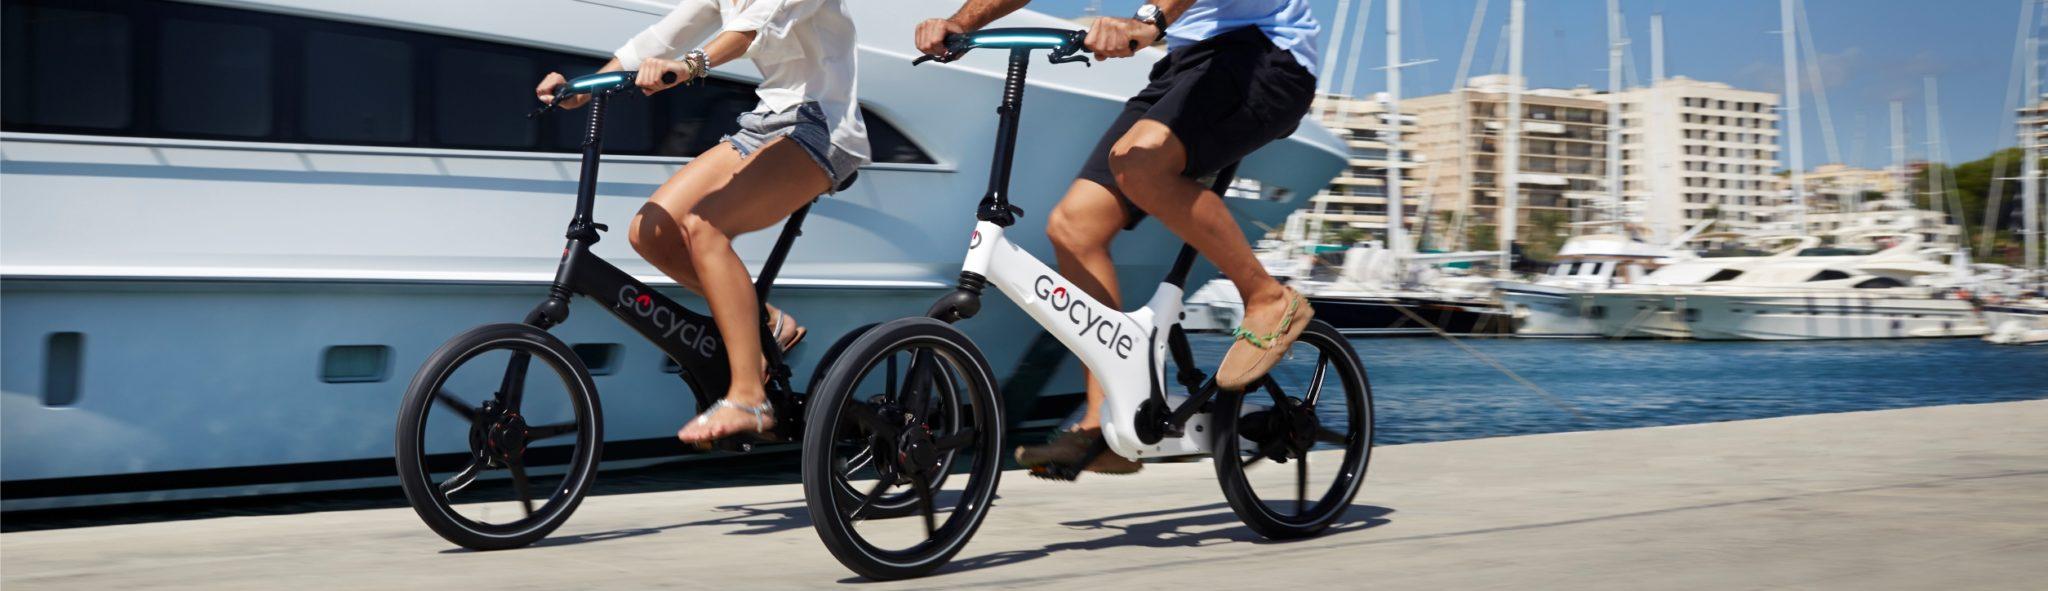 Ne odlašajte z nakupom električnega kolesa Gocycle